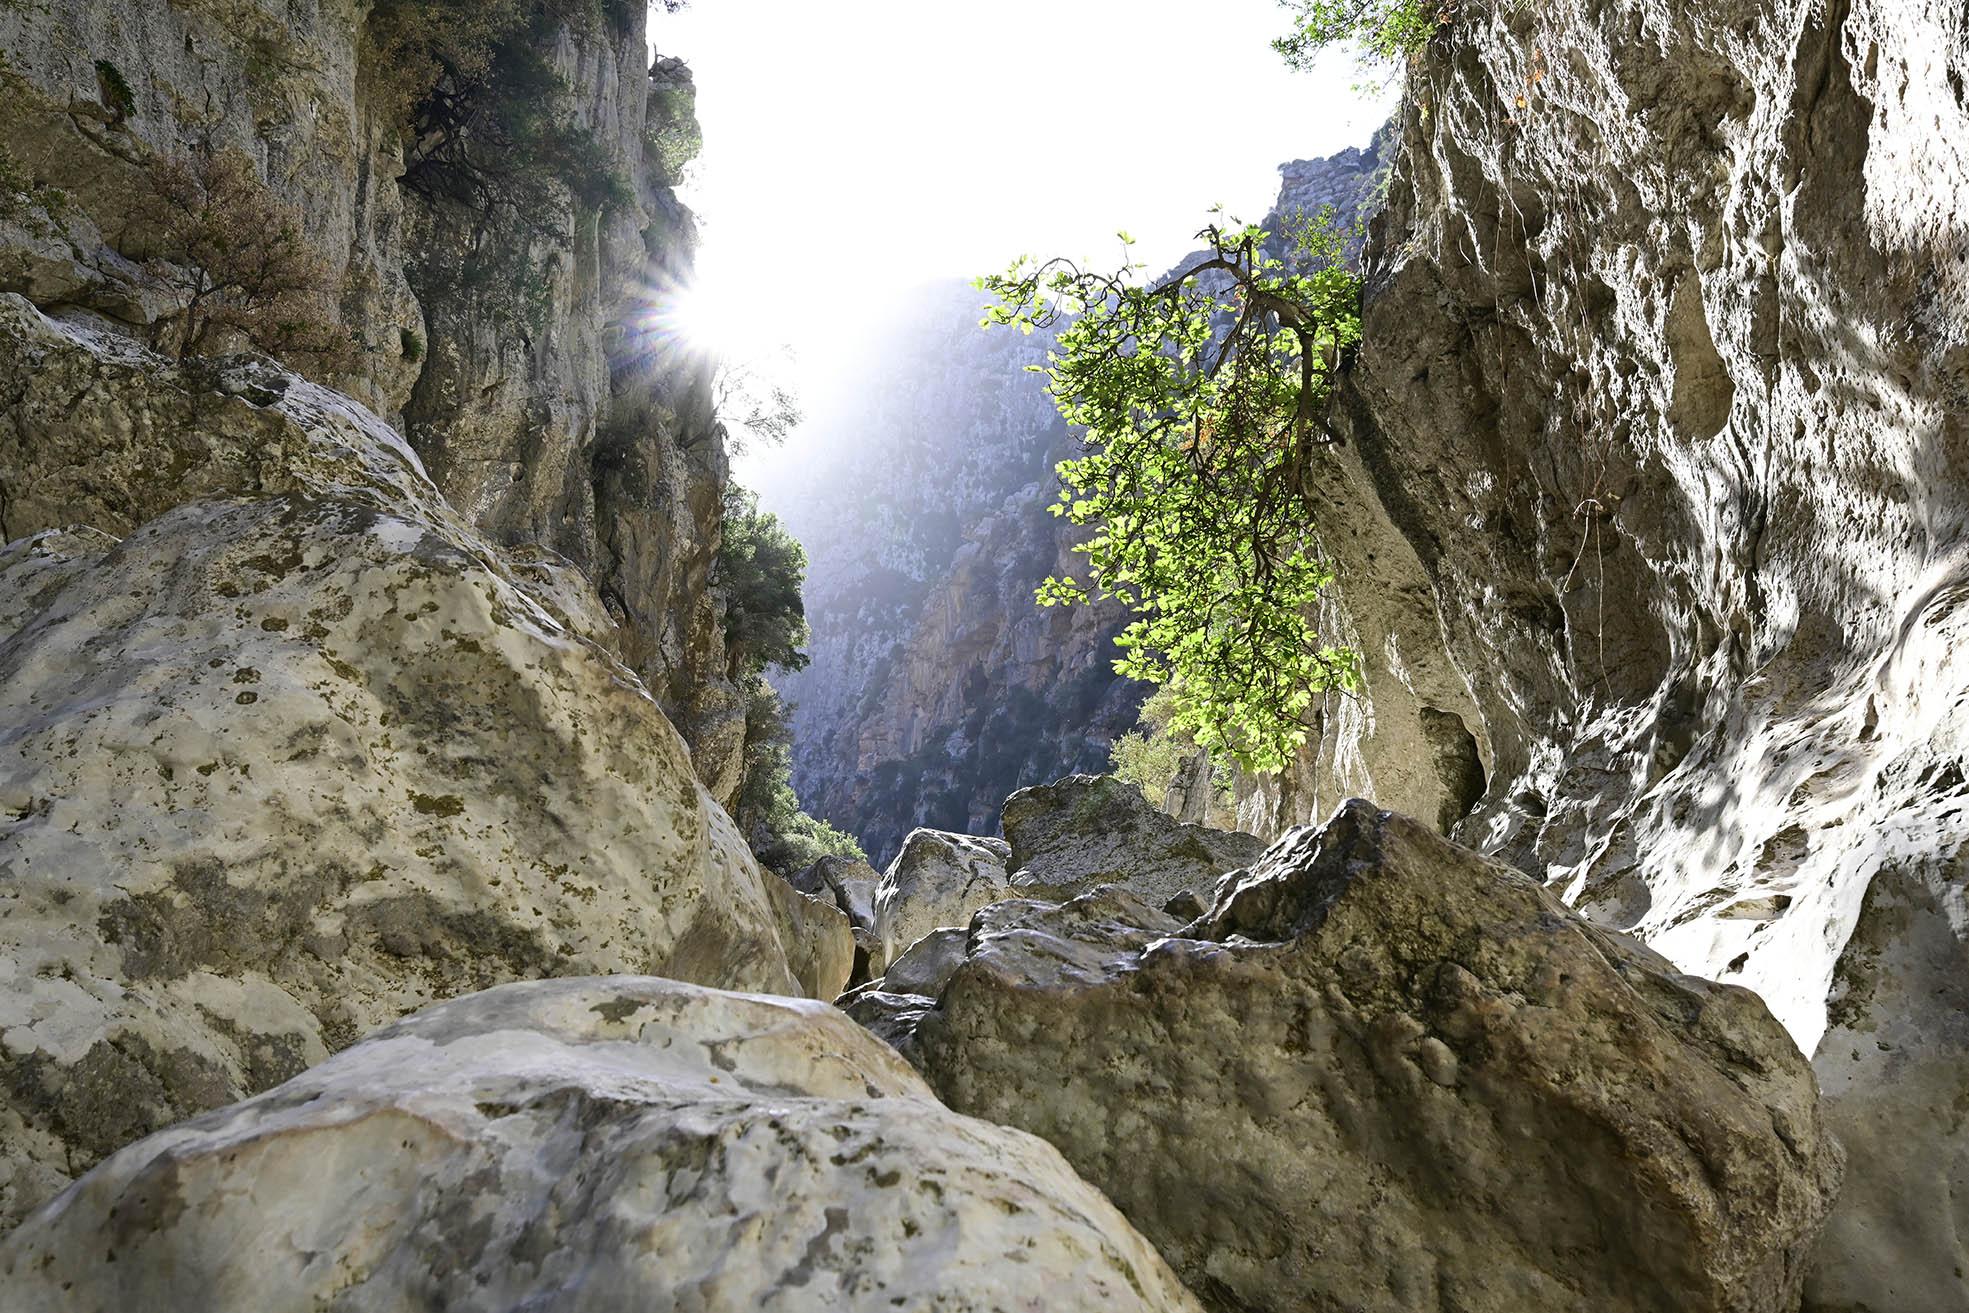 Schluchtenwanderung Torrente de Pareis